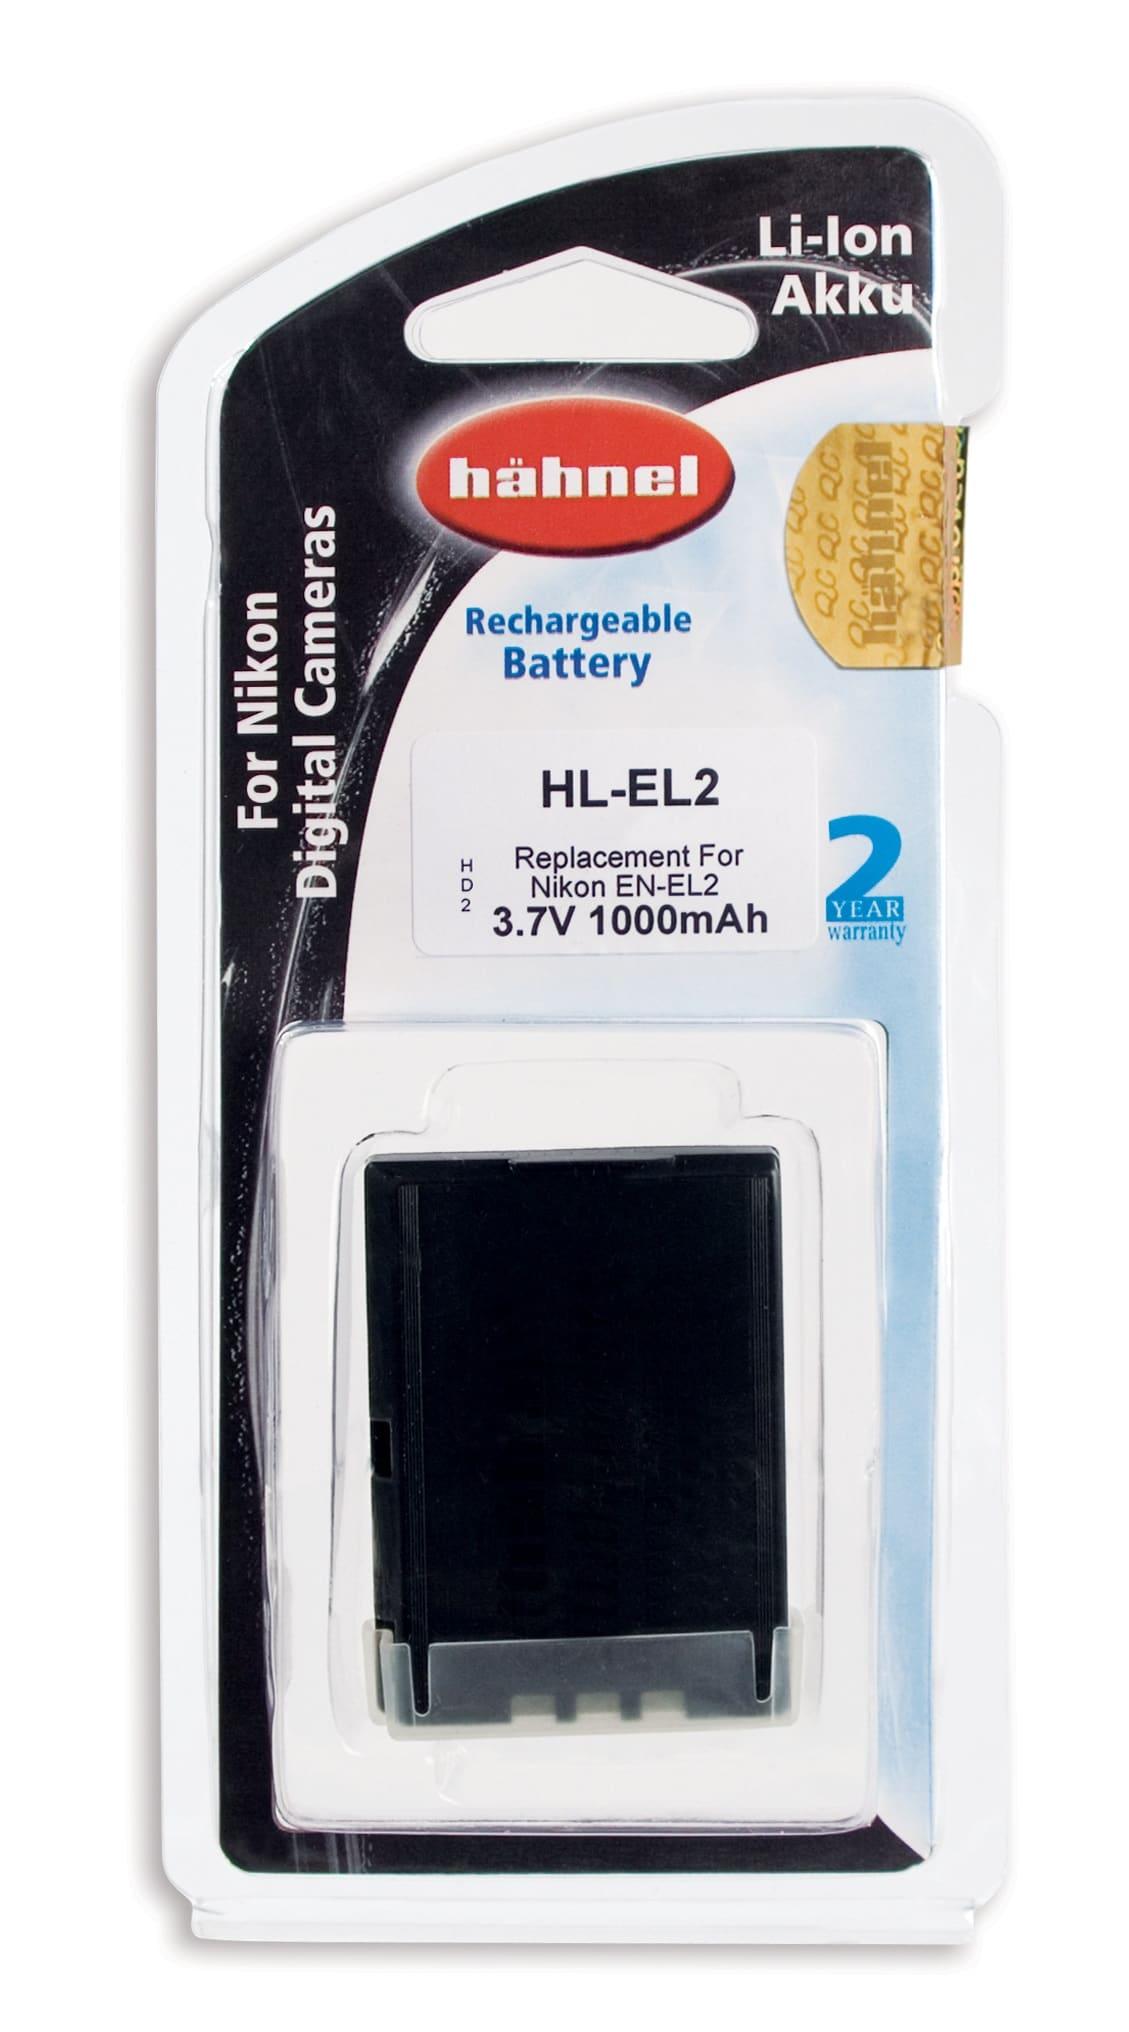 סוללה חליפית לניקון EN-EL2